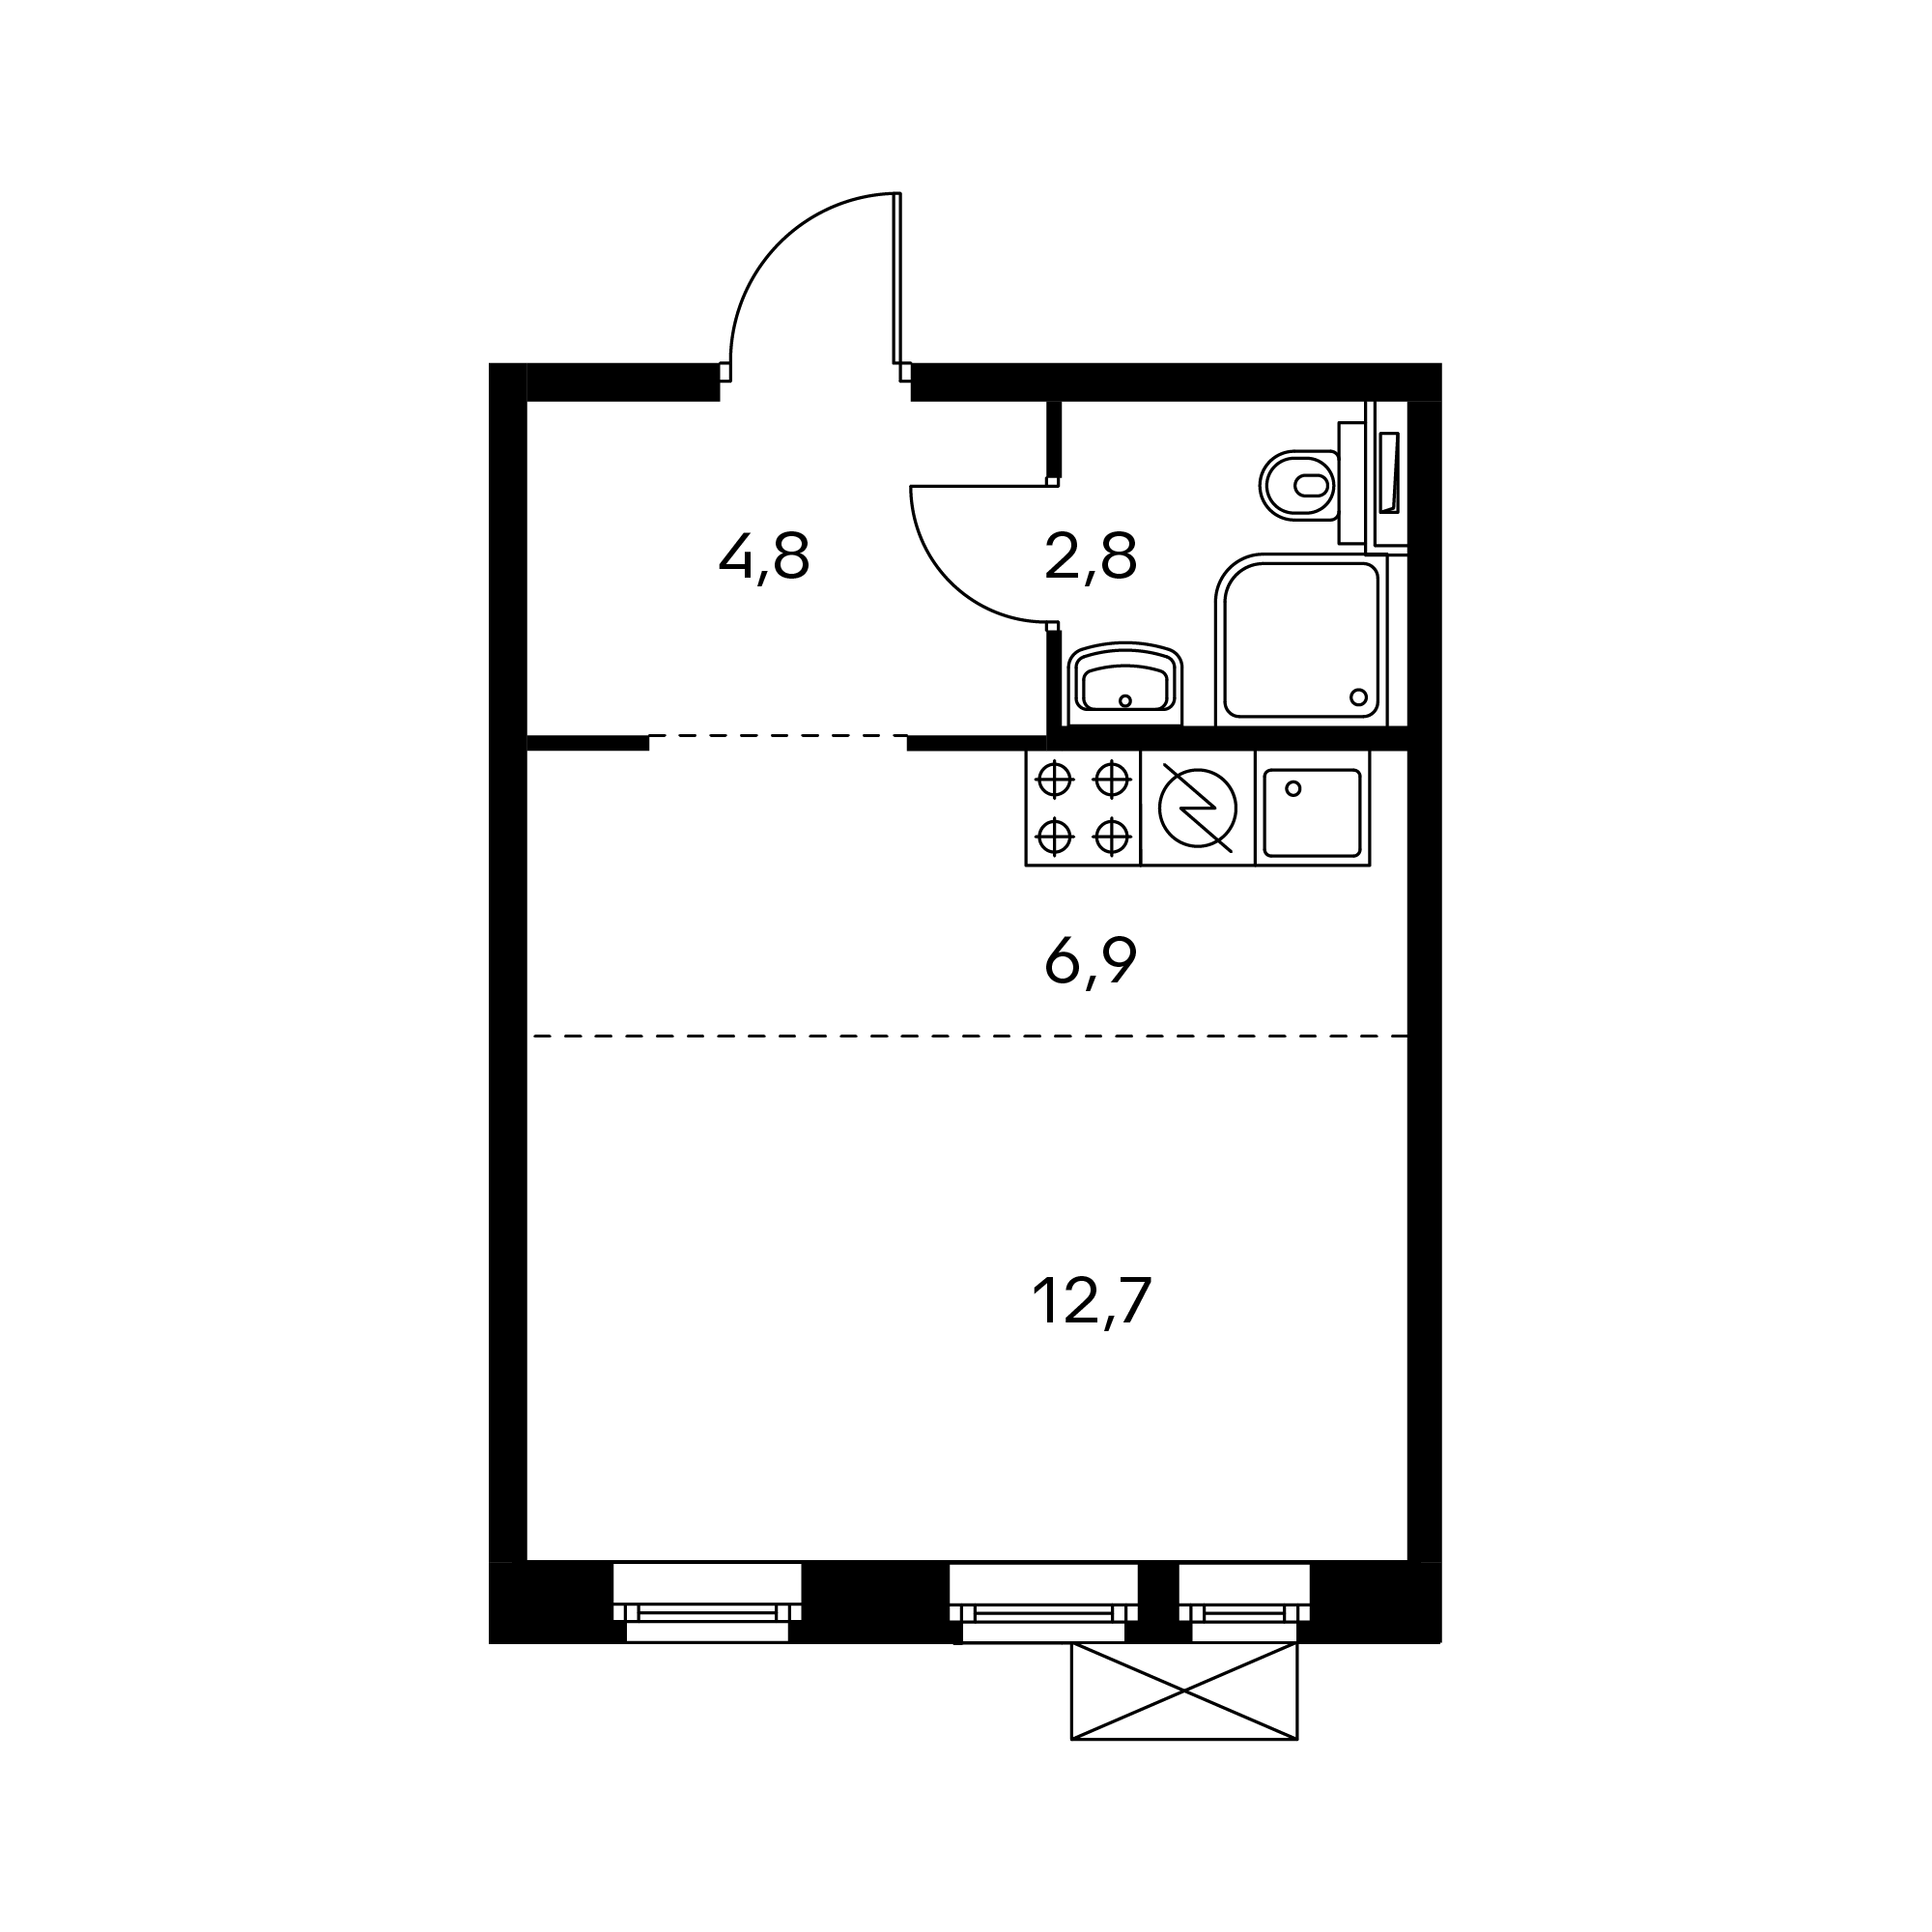 1NM1_4.8-1_S_A1